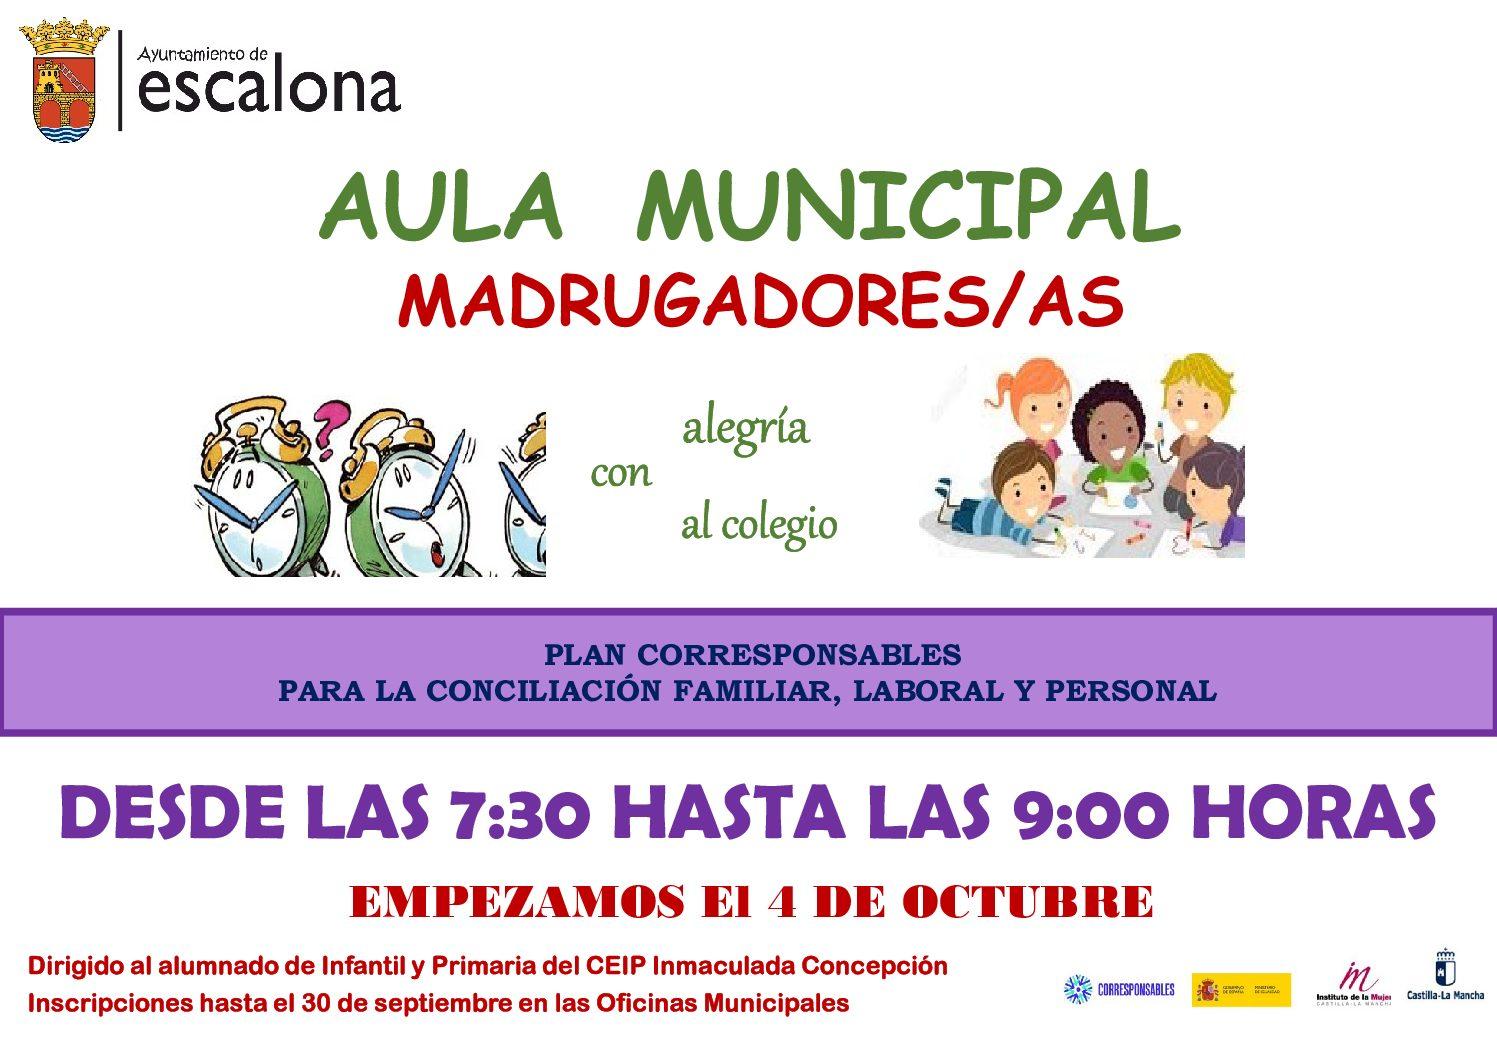 NUEVO SERVICIO MUNICIPAL AULA MADRUGADORES/AS